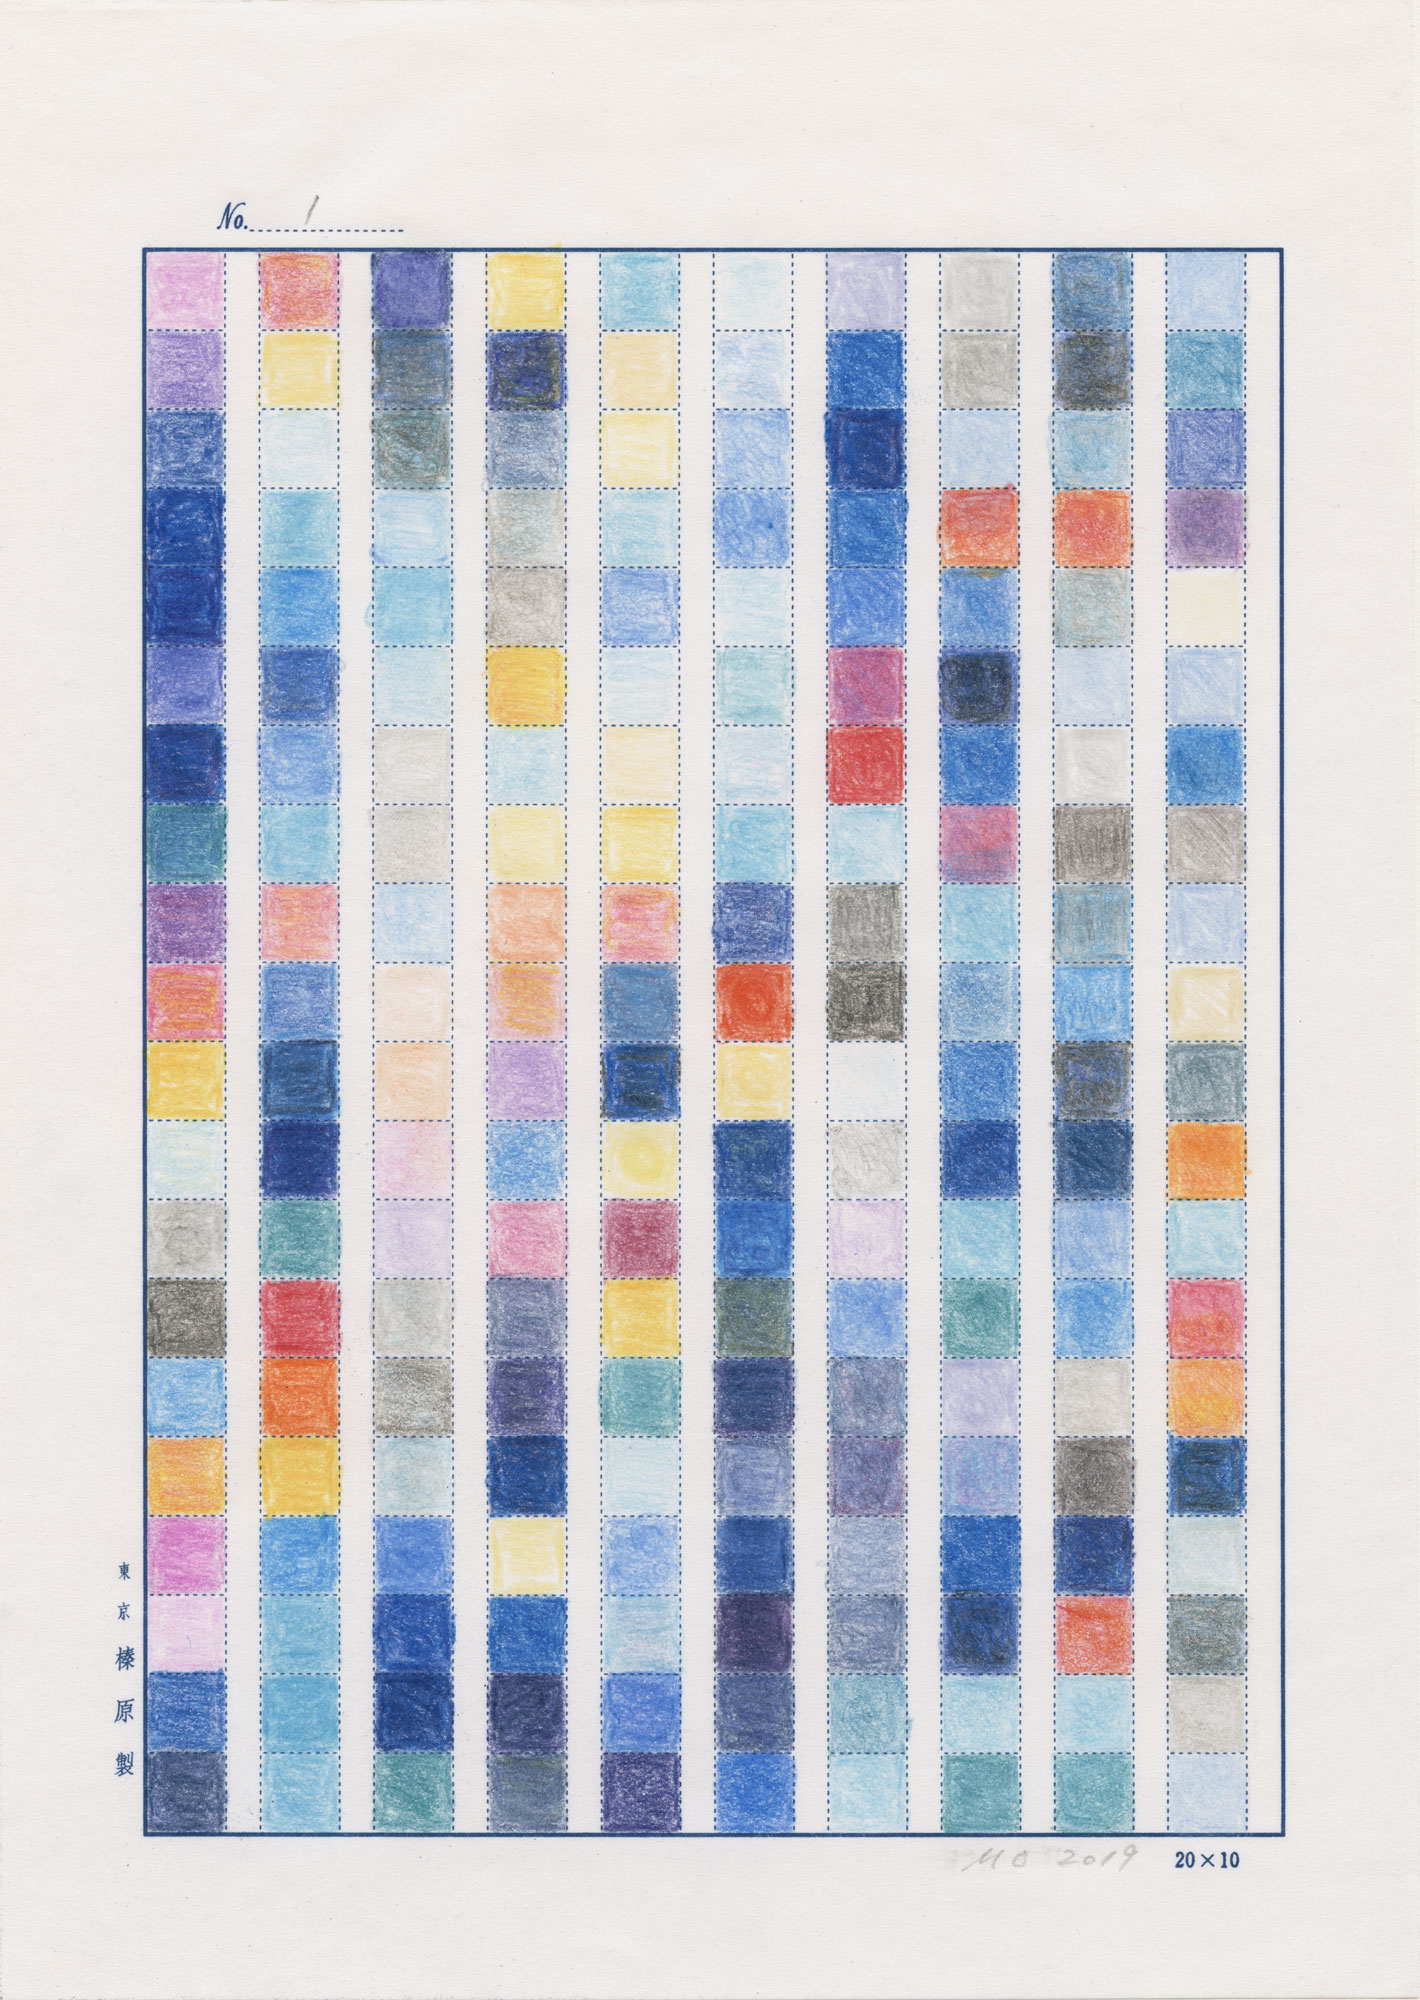 """日日是好日   (No.1, 1983-2019, an ongoing project), color pencil on manuscript paper and international mail, 9-49/64"""" x 6-15/16"""" (24.8 cm x 17.6 cm), sent to Niigata JAPAN from New York NY, USA"""